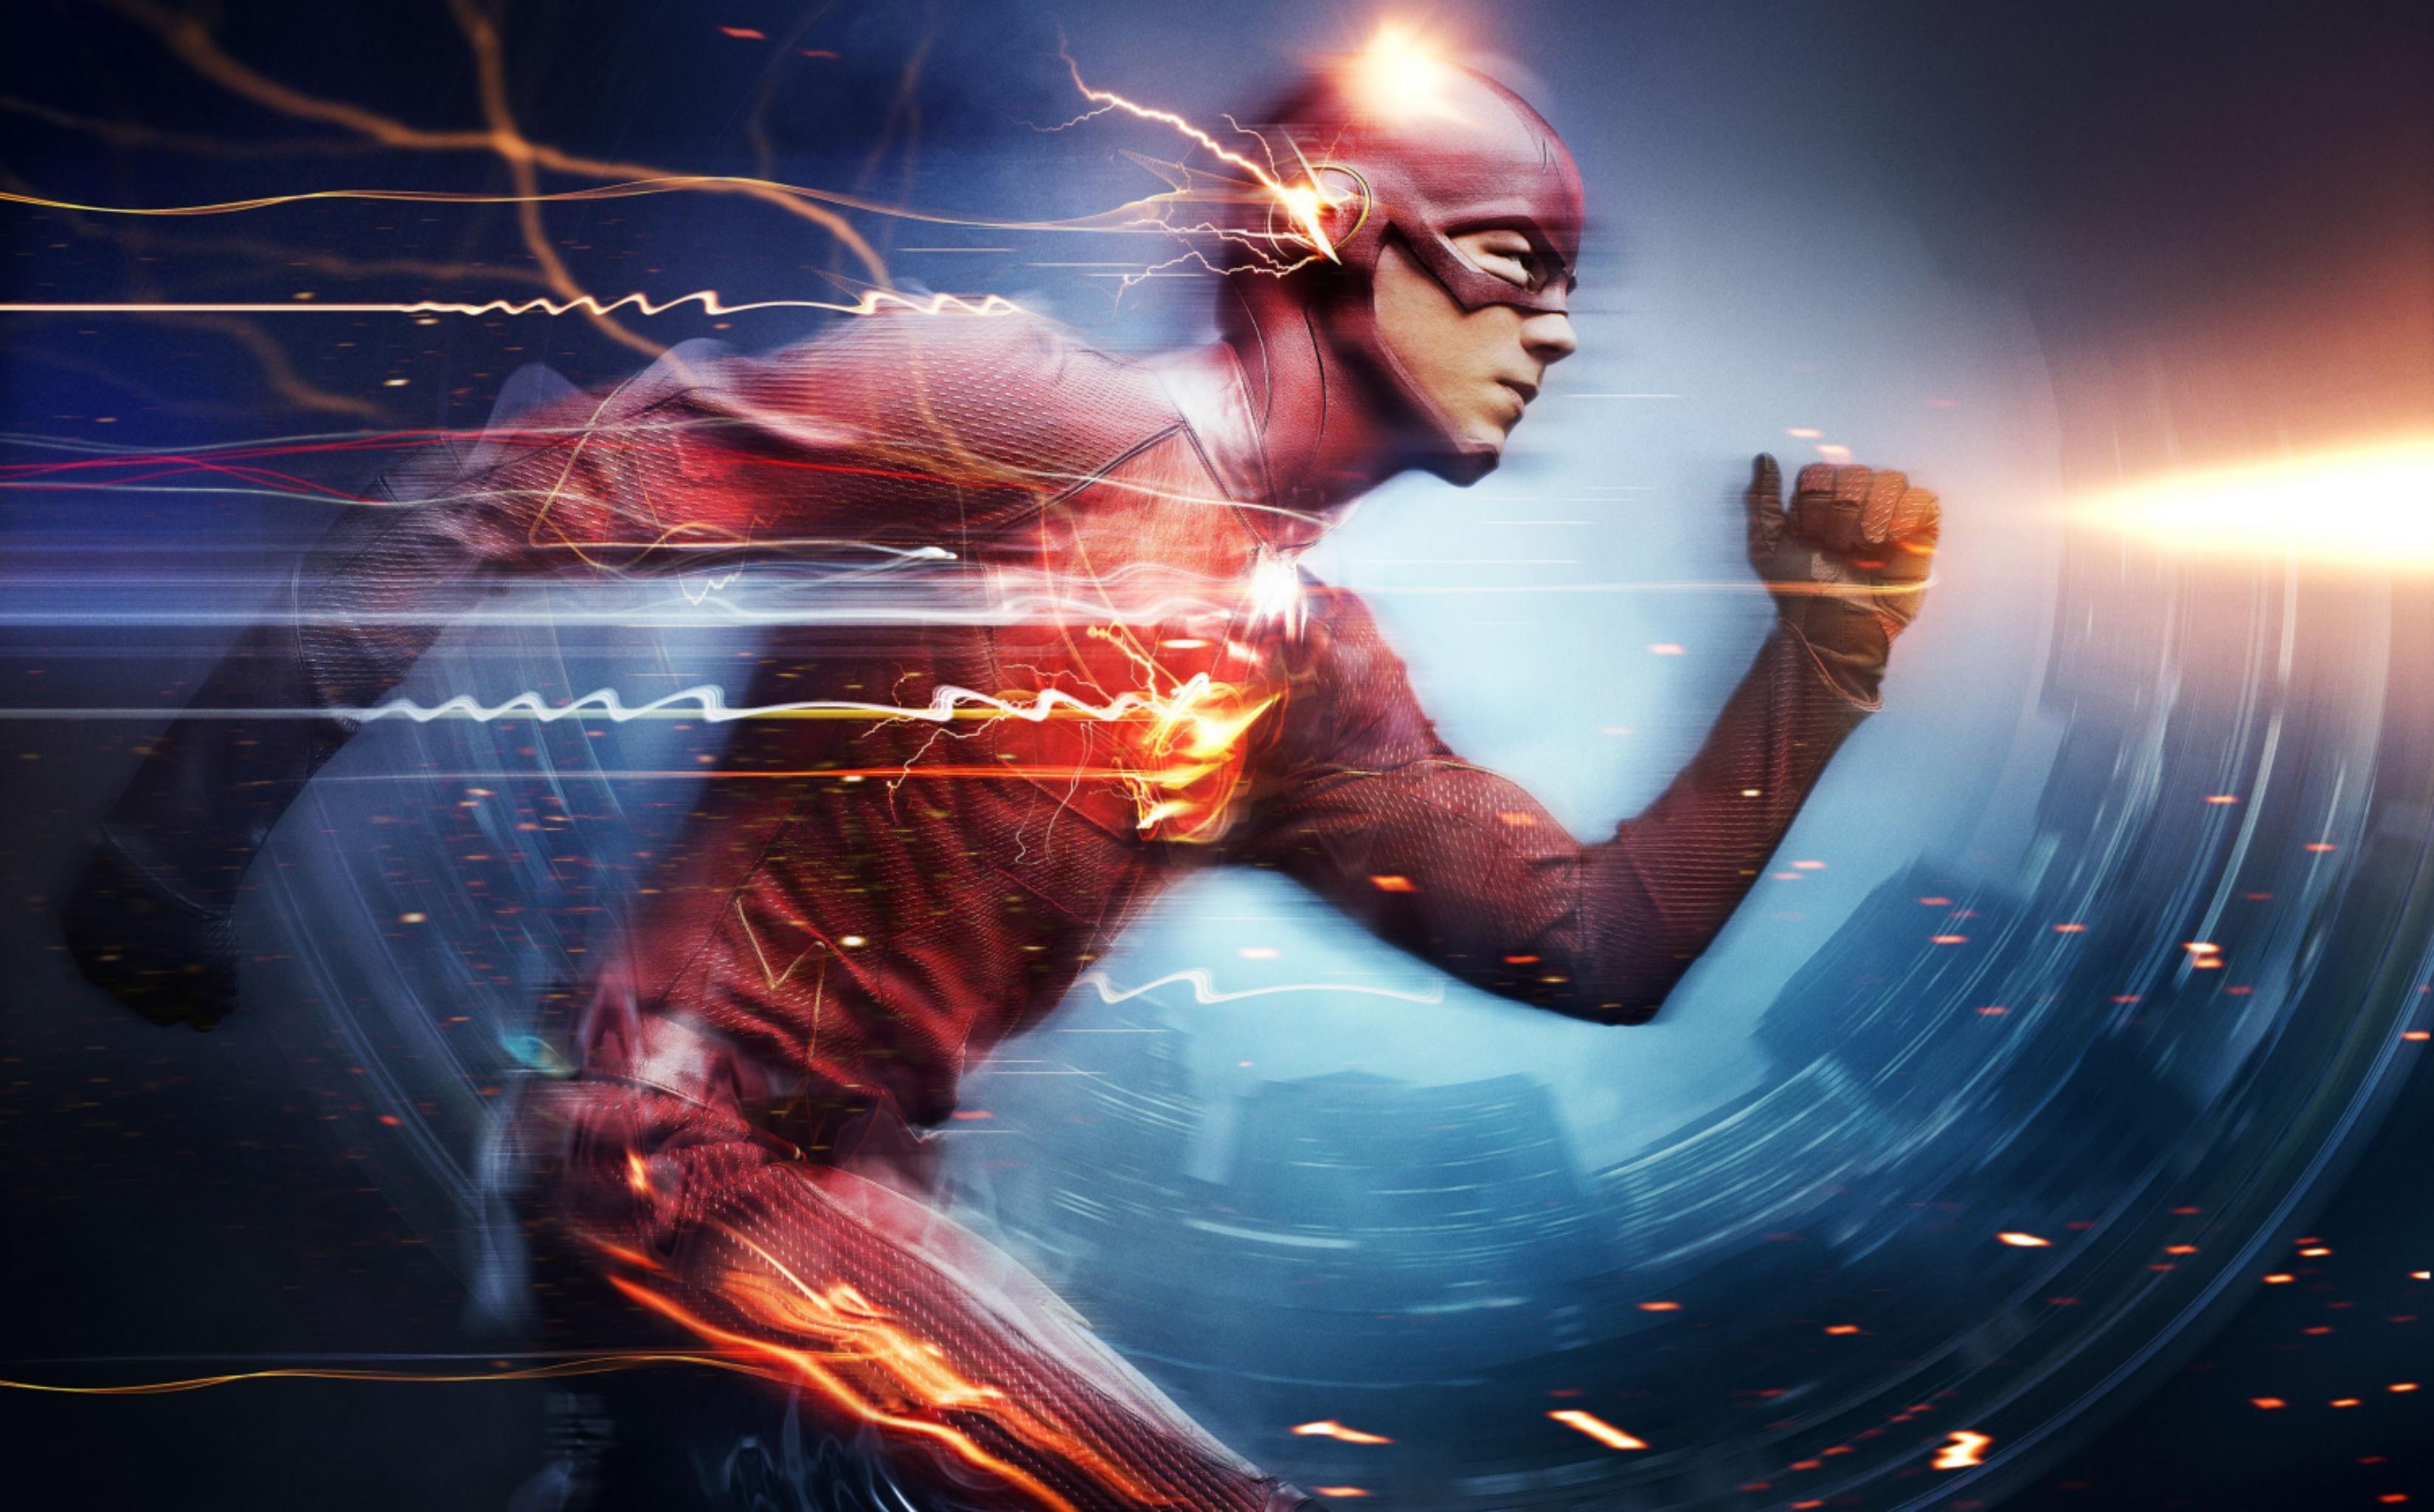 Wallpaper : superhero, The Flash, guitarist, Grant Gustin